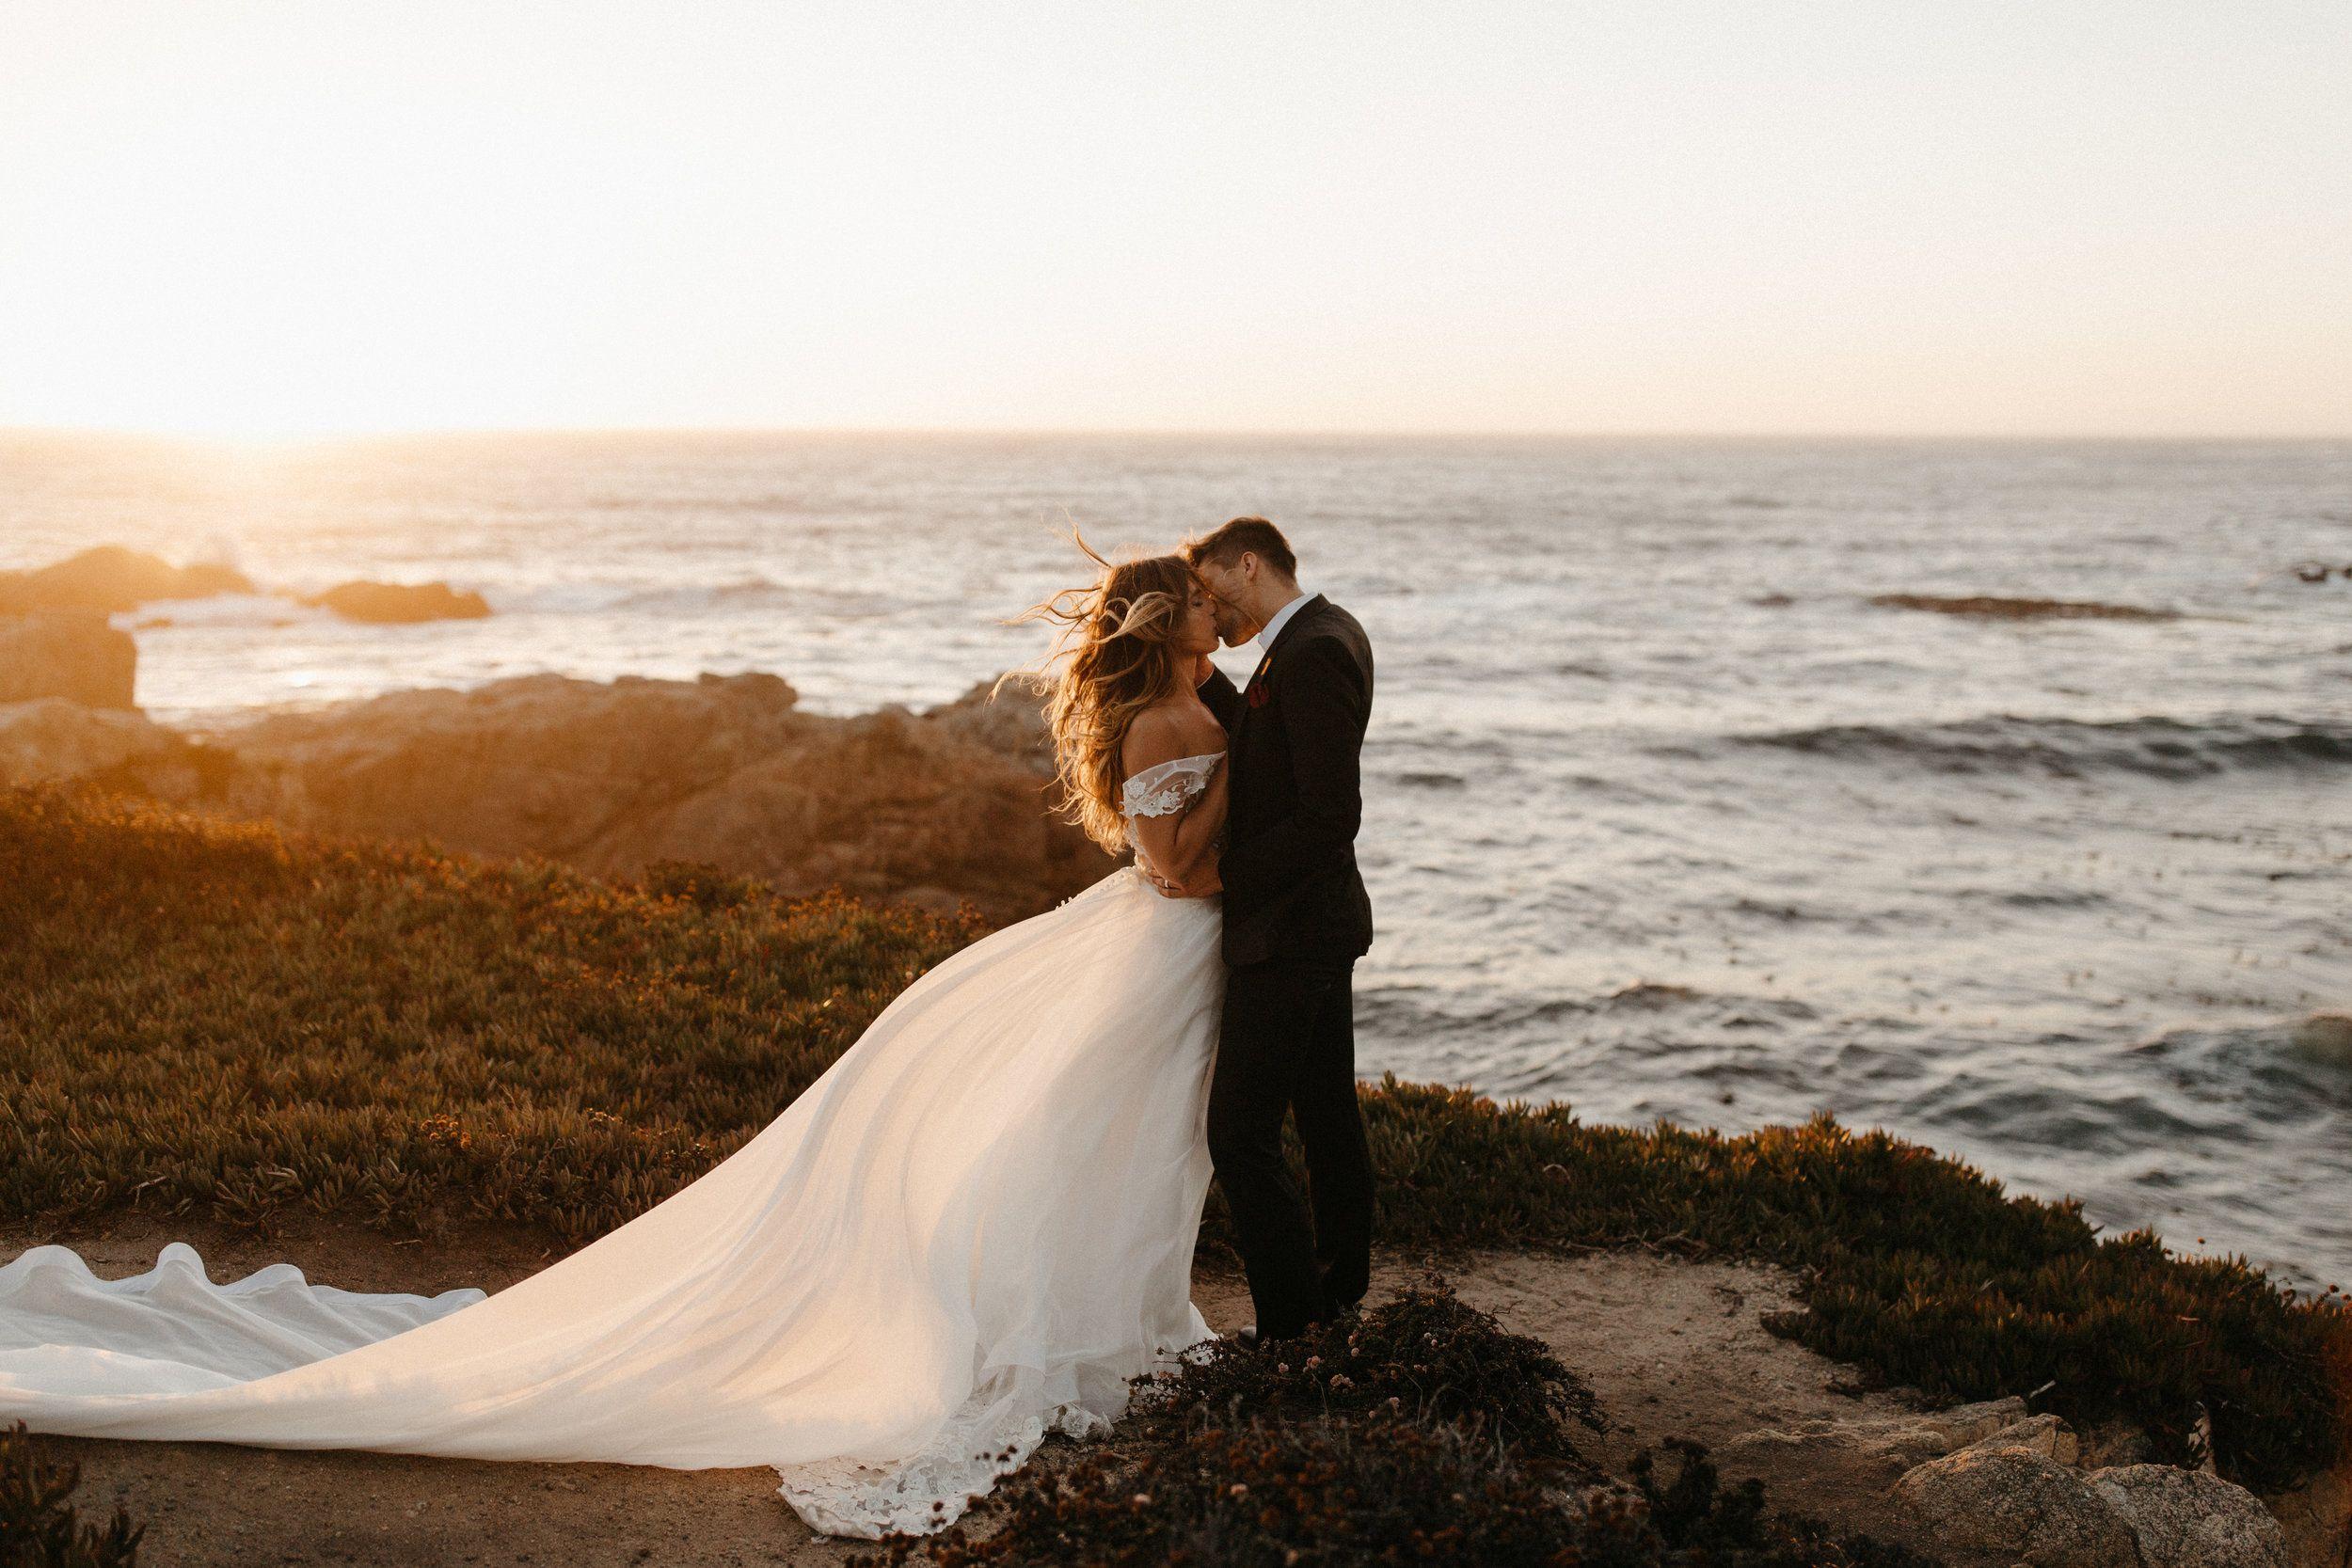 Big Sur California Wedding Big Sur California Wedding Photographer California Wedding Photographers Wedding Photography Inspiration Wedding Photography Bride